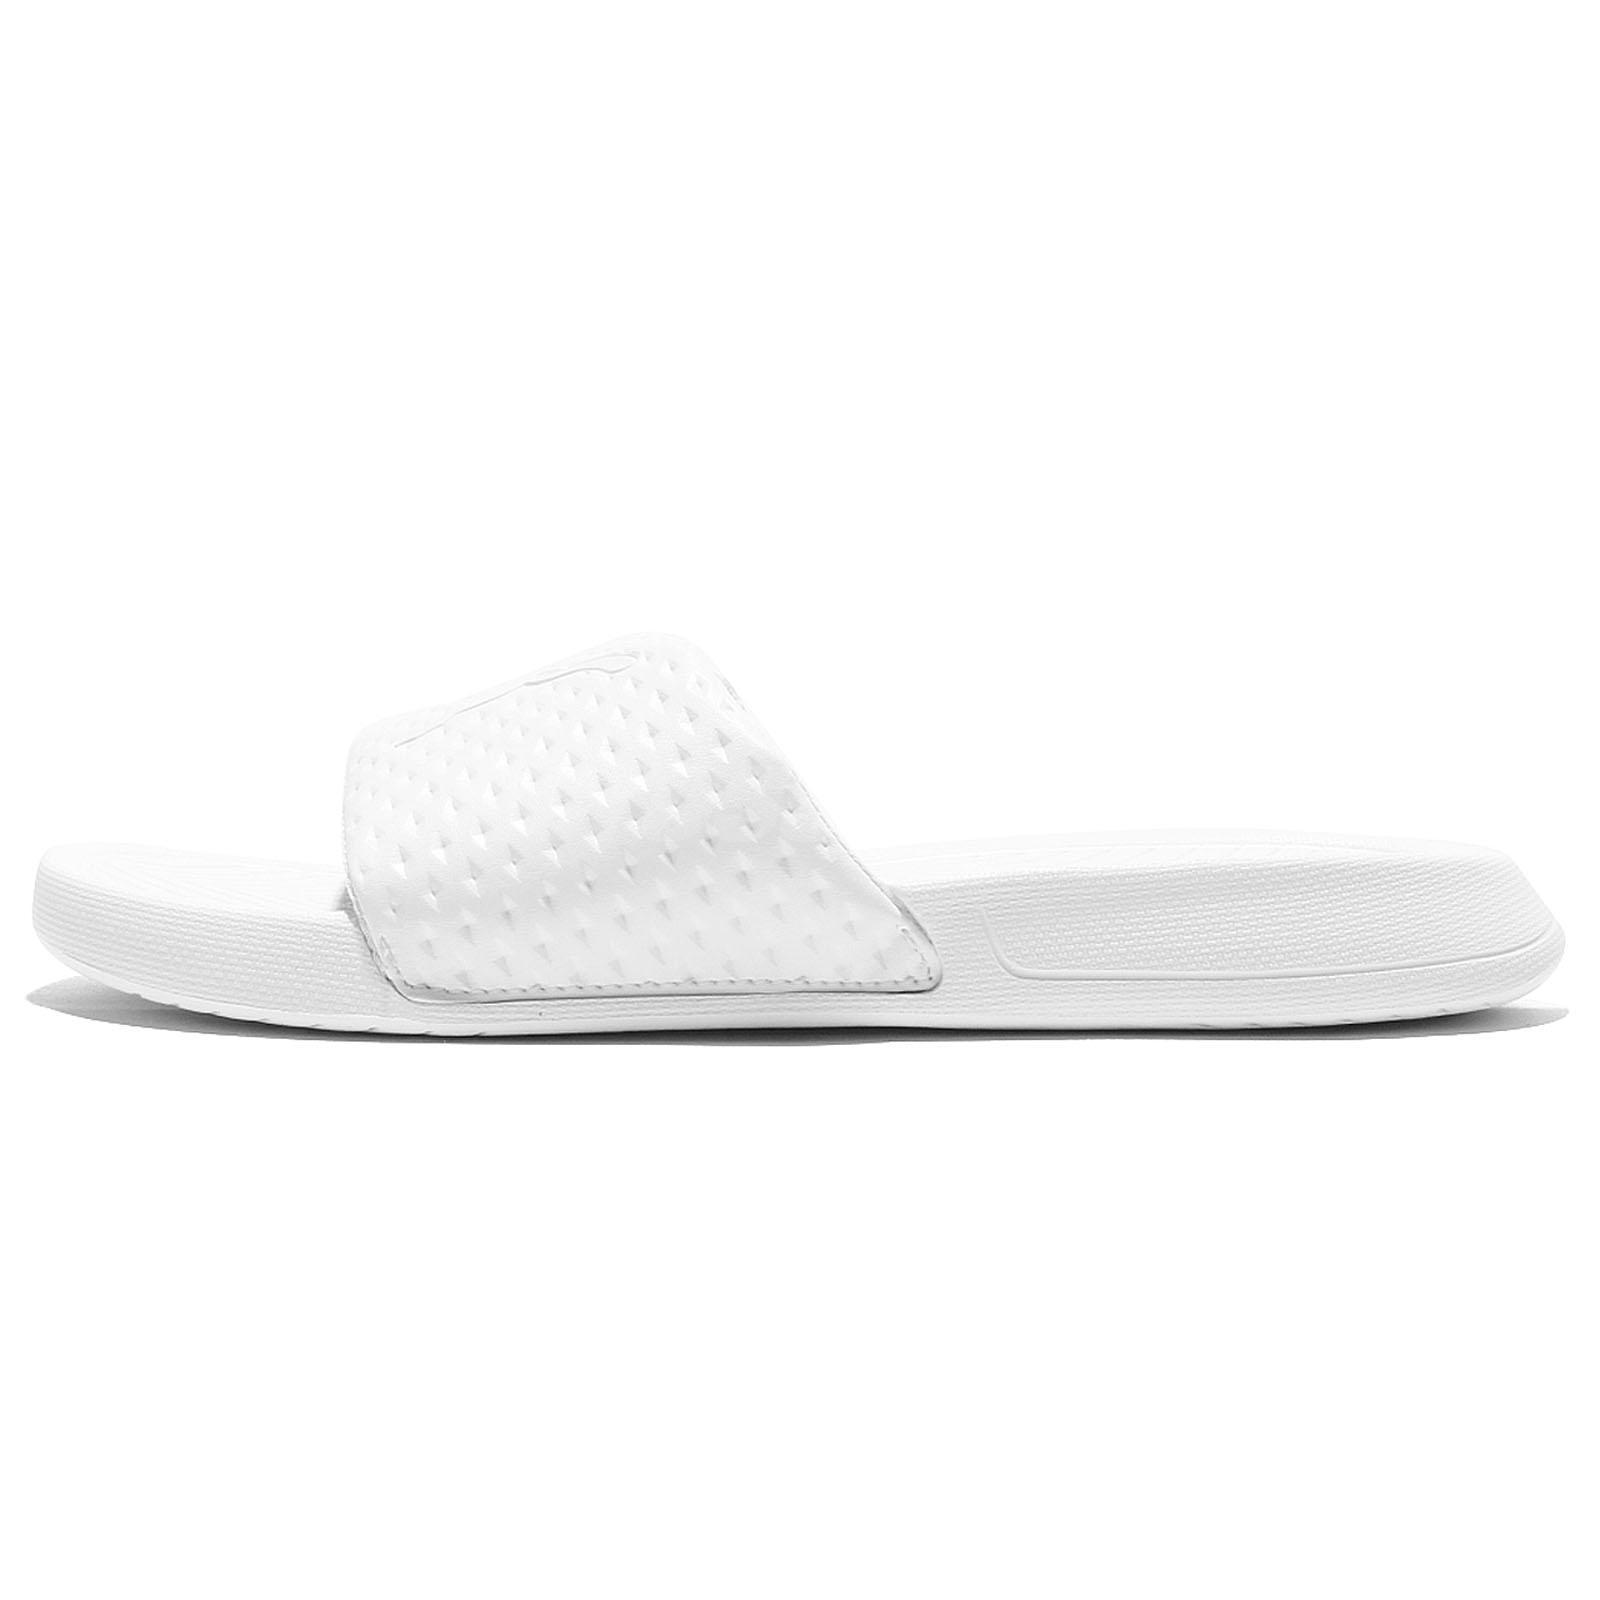 907857abf9aeea Puma Popcat Premium EVA Midsole Triple White Men Sandal Slides Slipper  362458-01